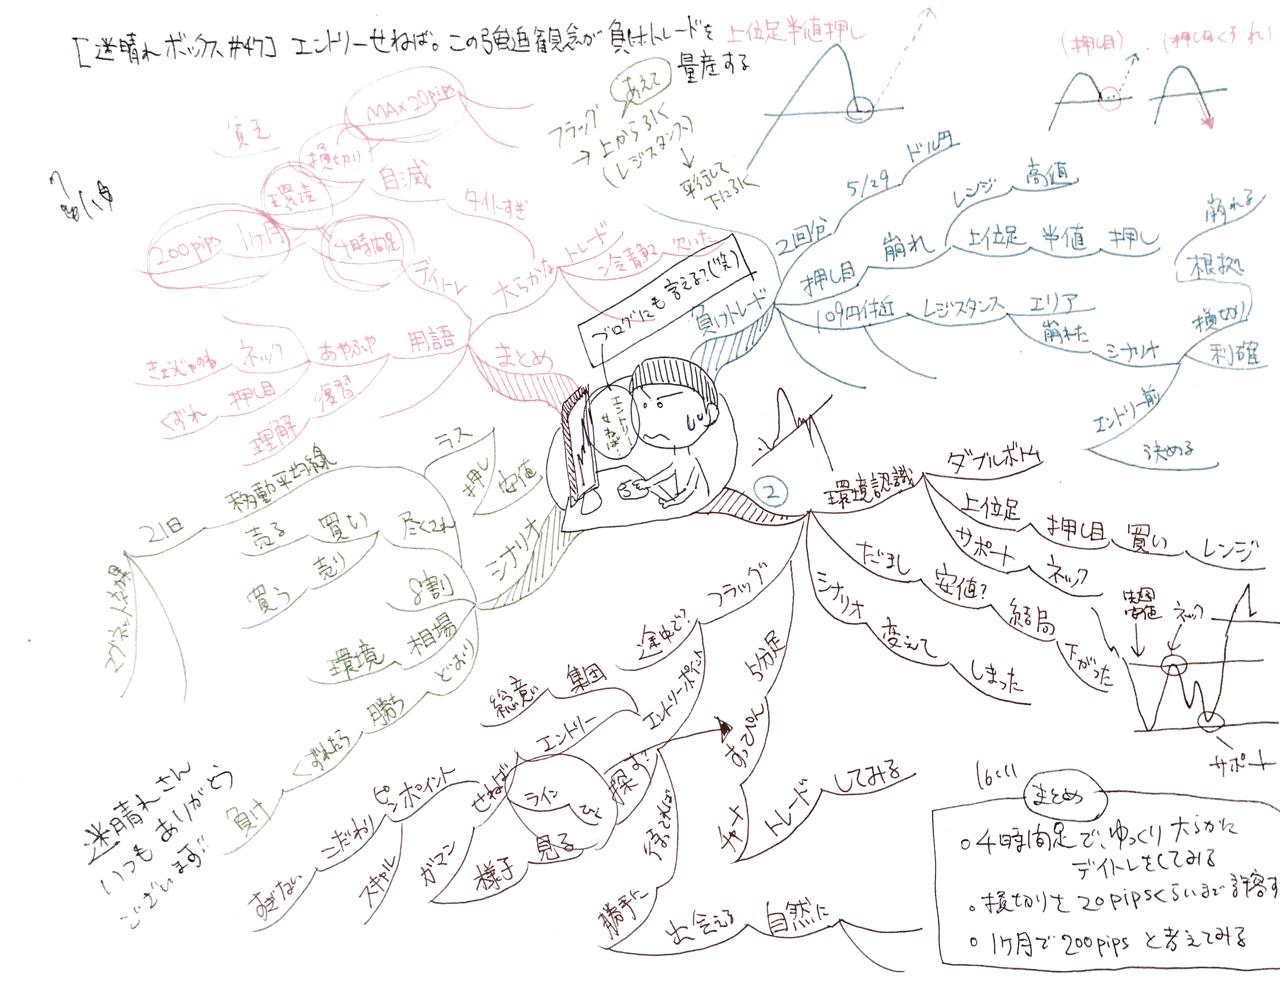 晴れ 迷 【迷晴れBOX#28】学びのスタートライン、分かるとは分けること。(迷晴れFX)